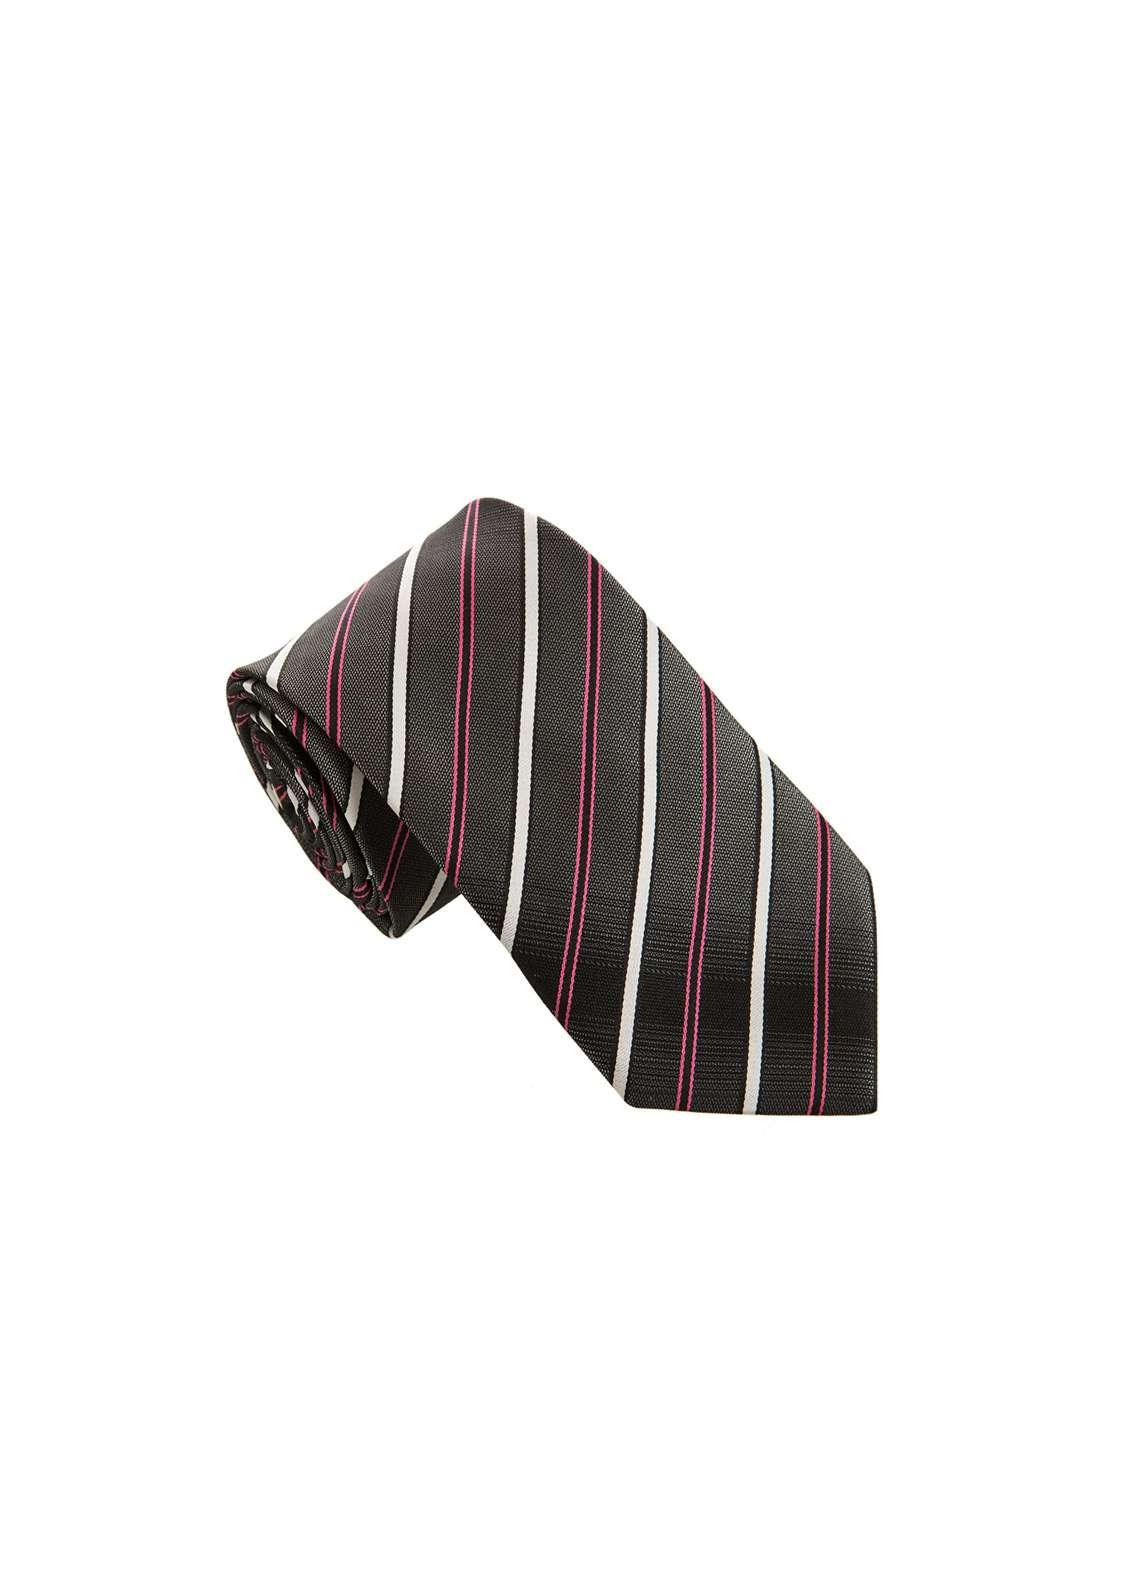 The Gentlemen's Club Black Striped Silk Men's Ties